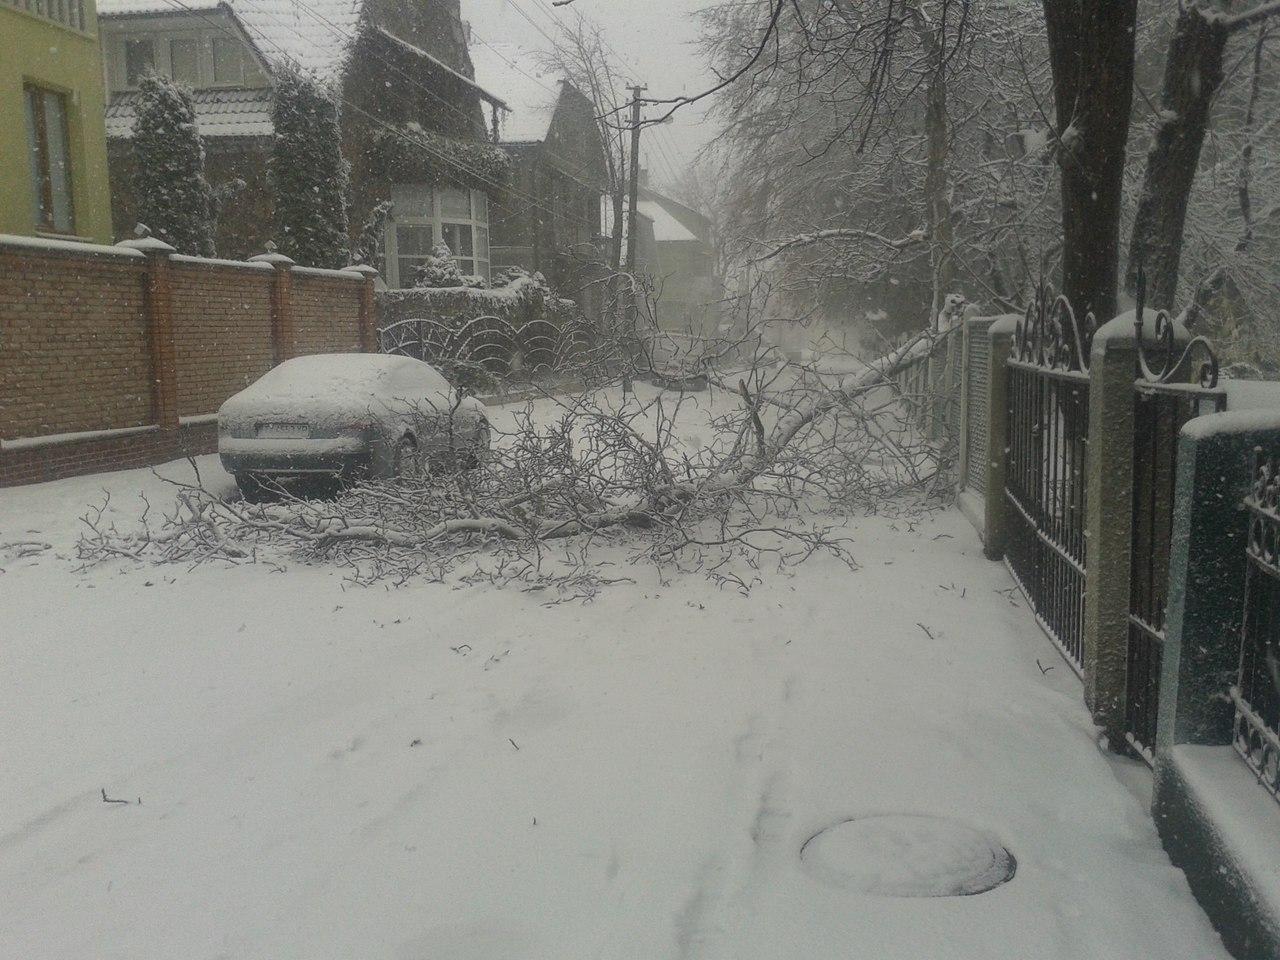 Снегопад в Украине: спасатели вытаскивают автомобили из снежных заносов и расчищают трассы, заваленные сломанными деревьями - Цензор.НЕТ 9144